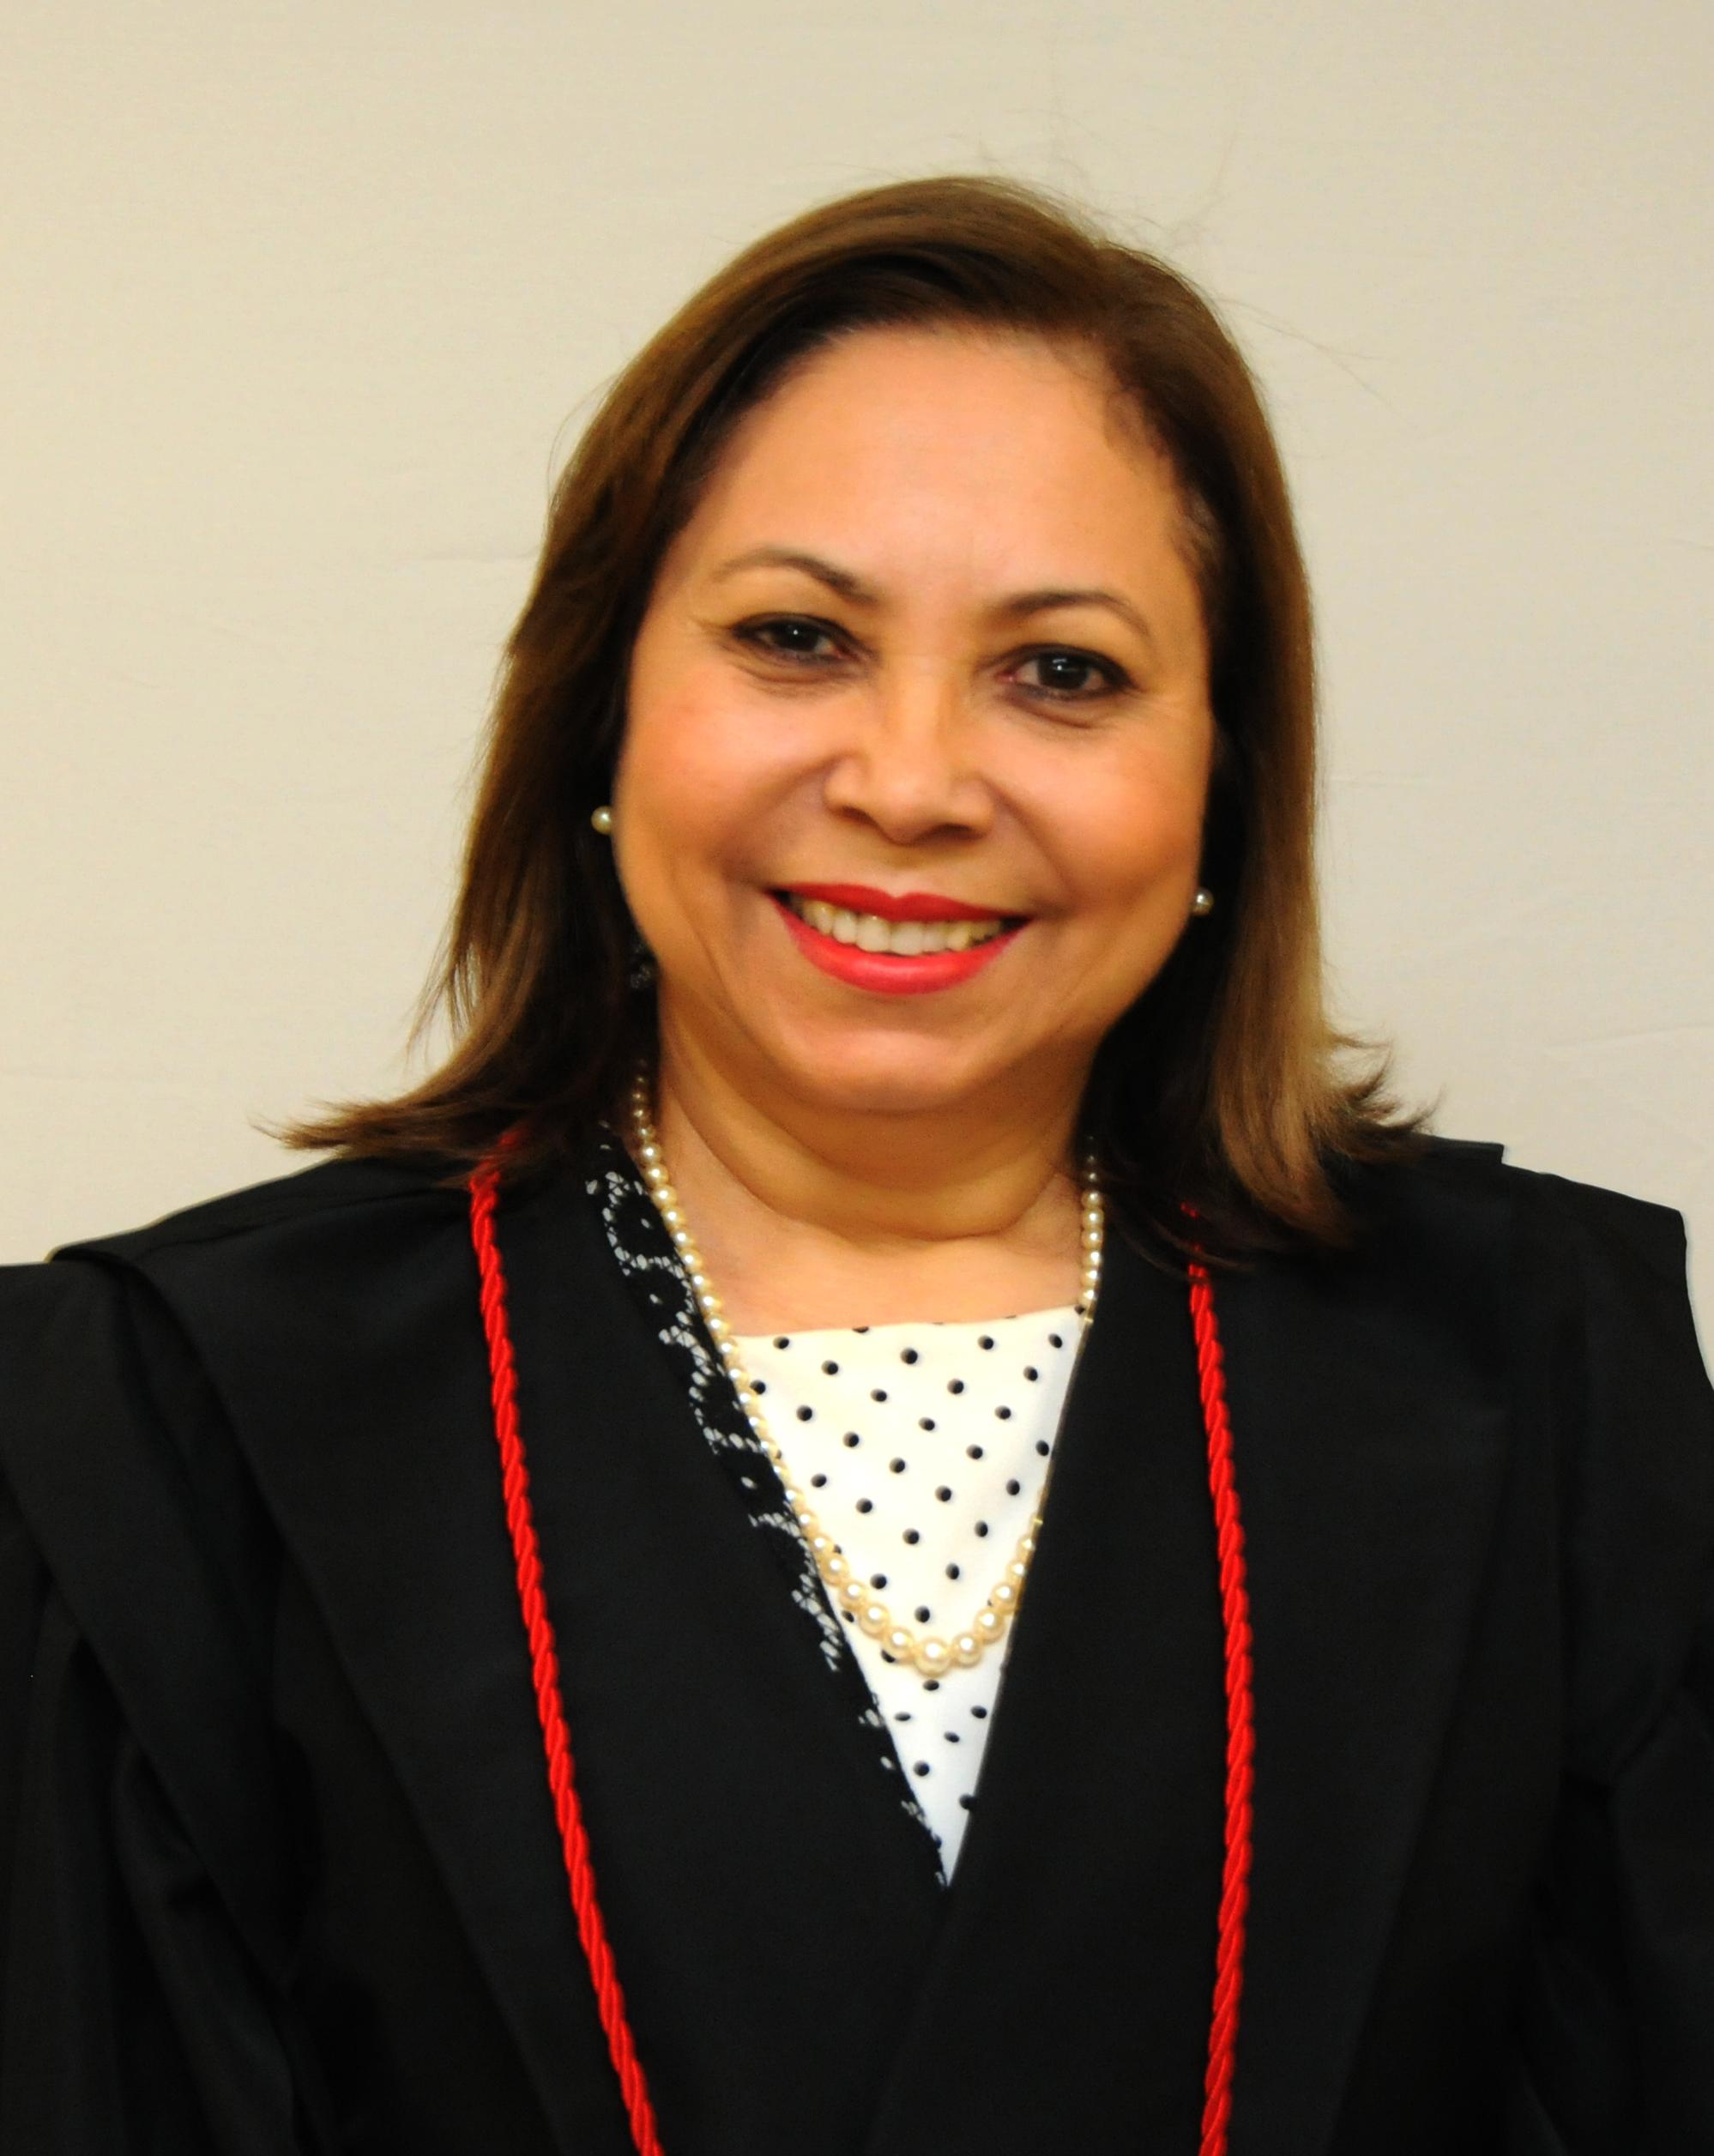 Desembargadora Maria Iraneide Moura Silva